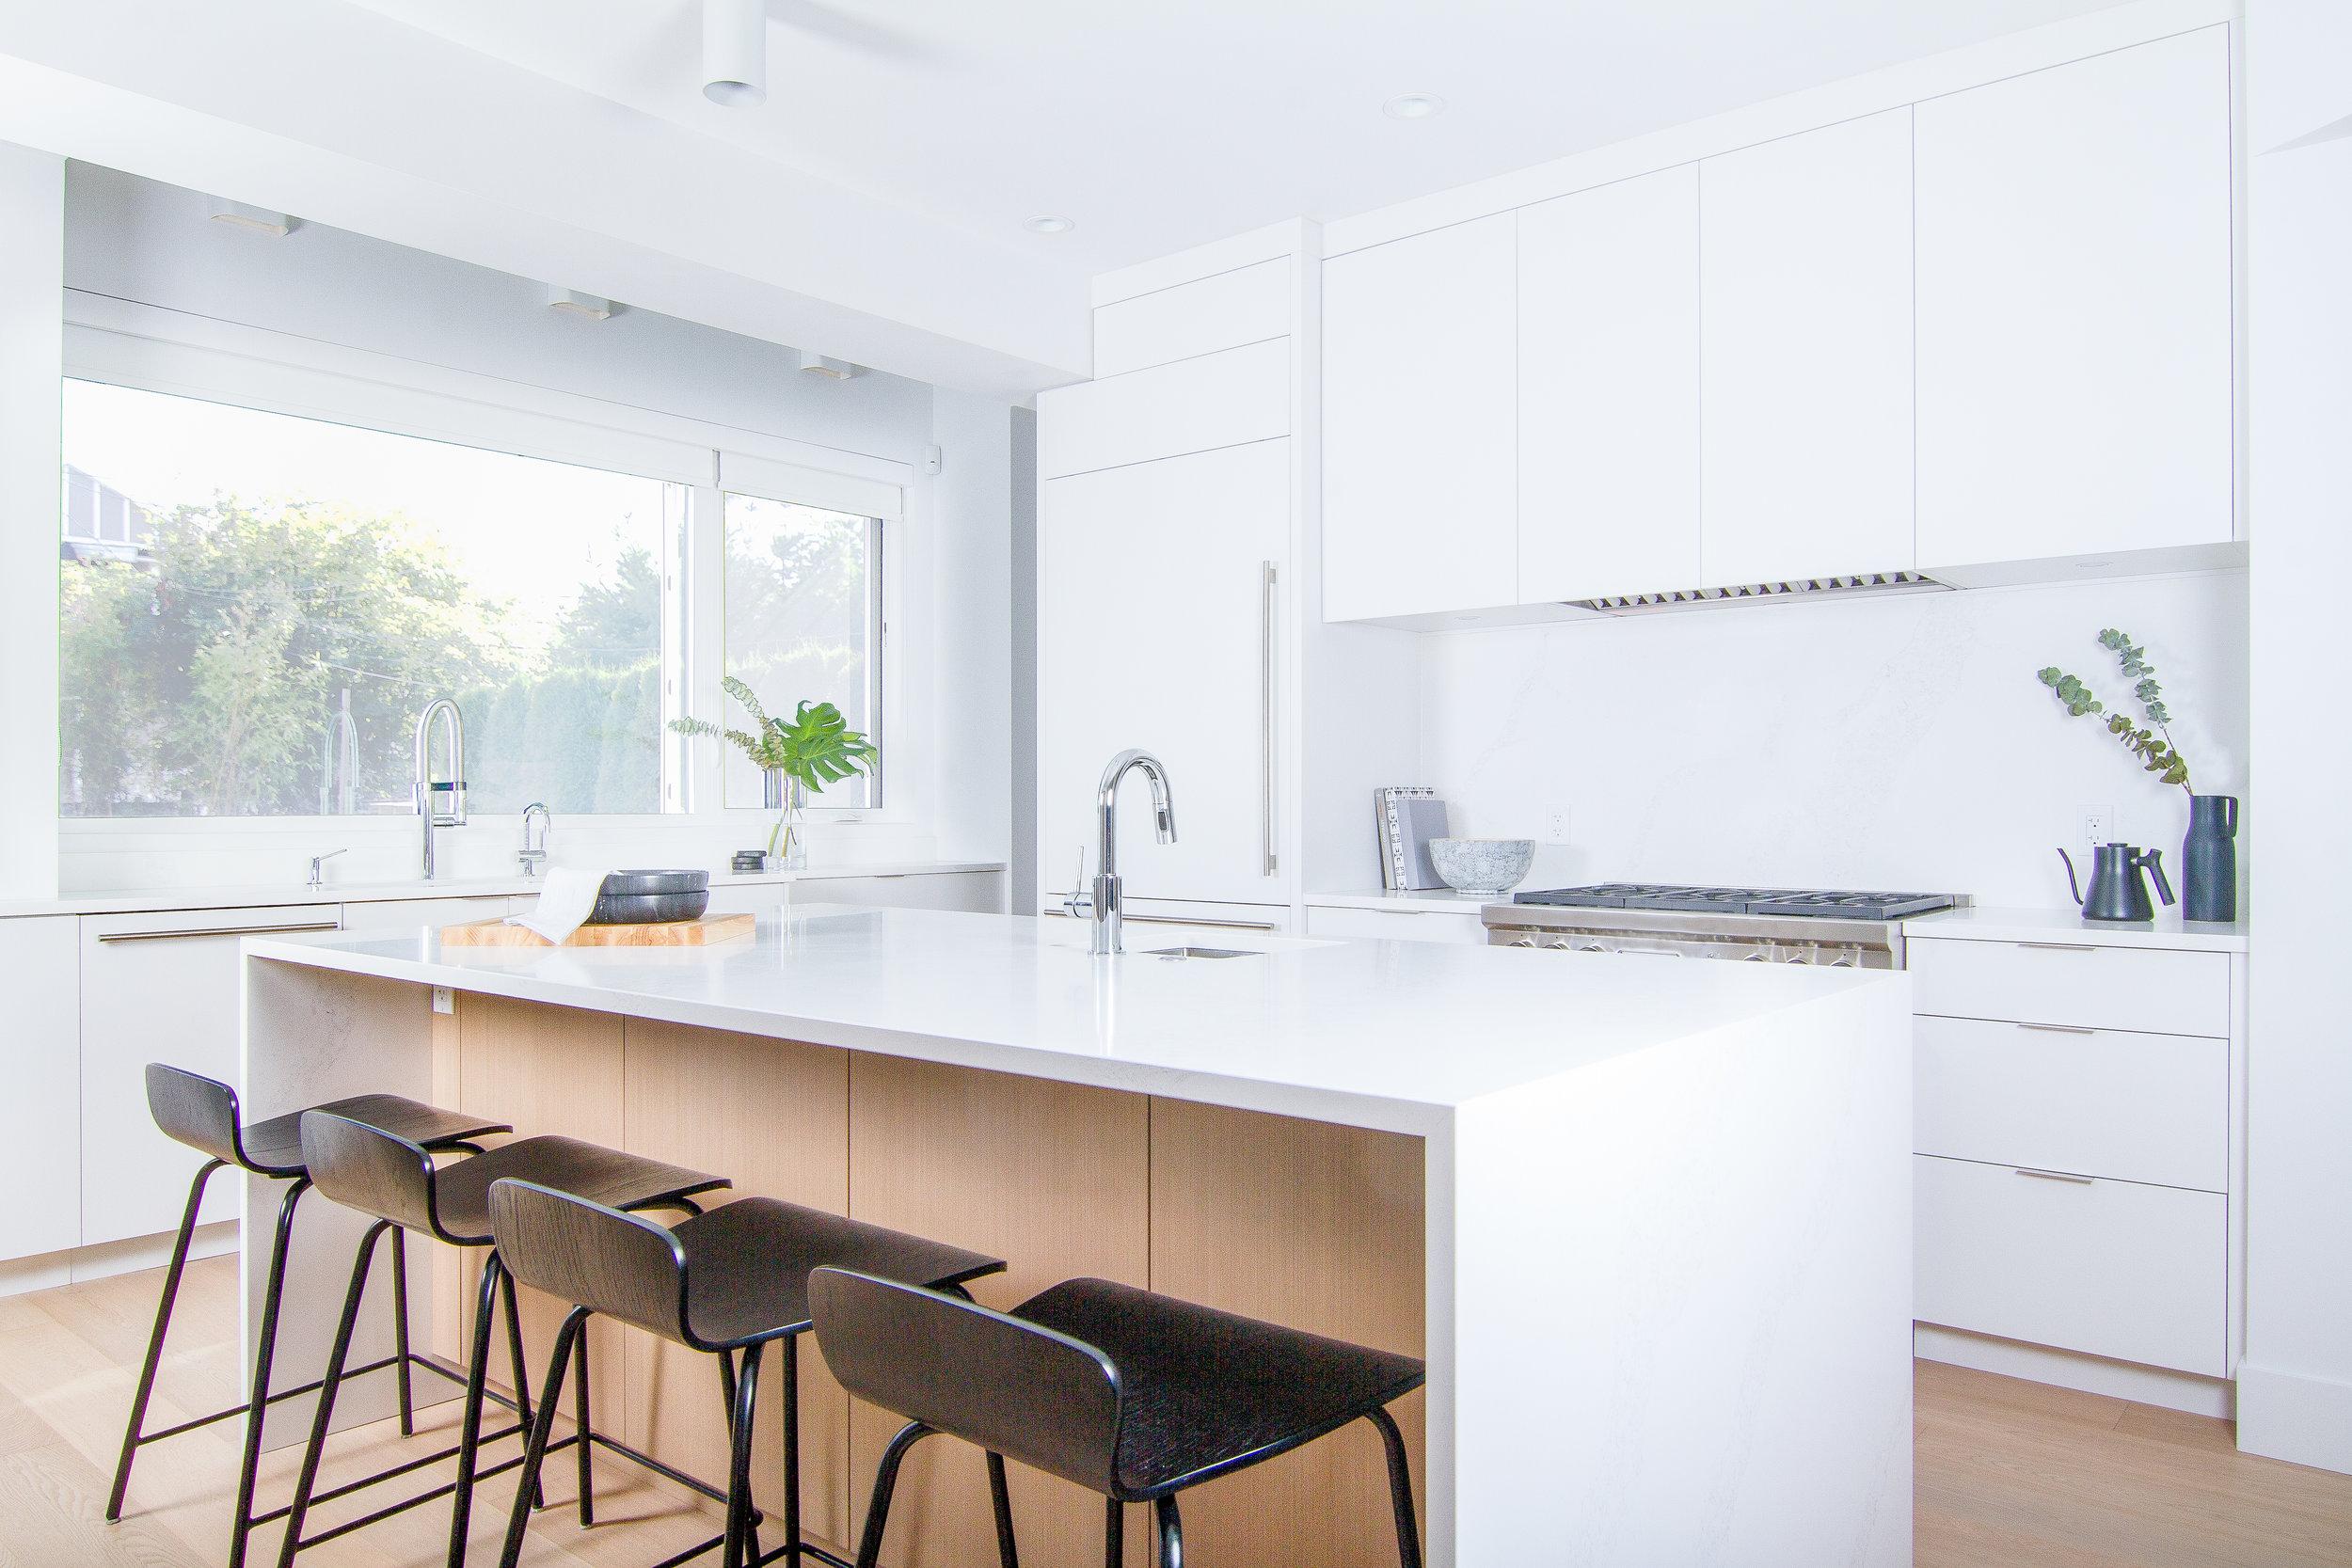 mocoro-studio-interior-design-architecture-home-styling-16.jpg